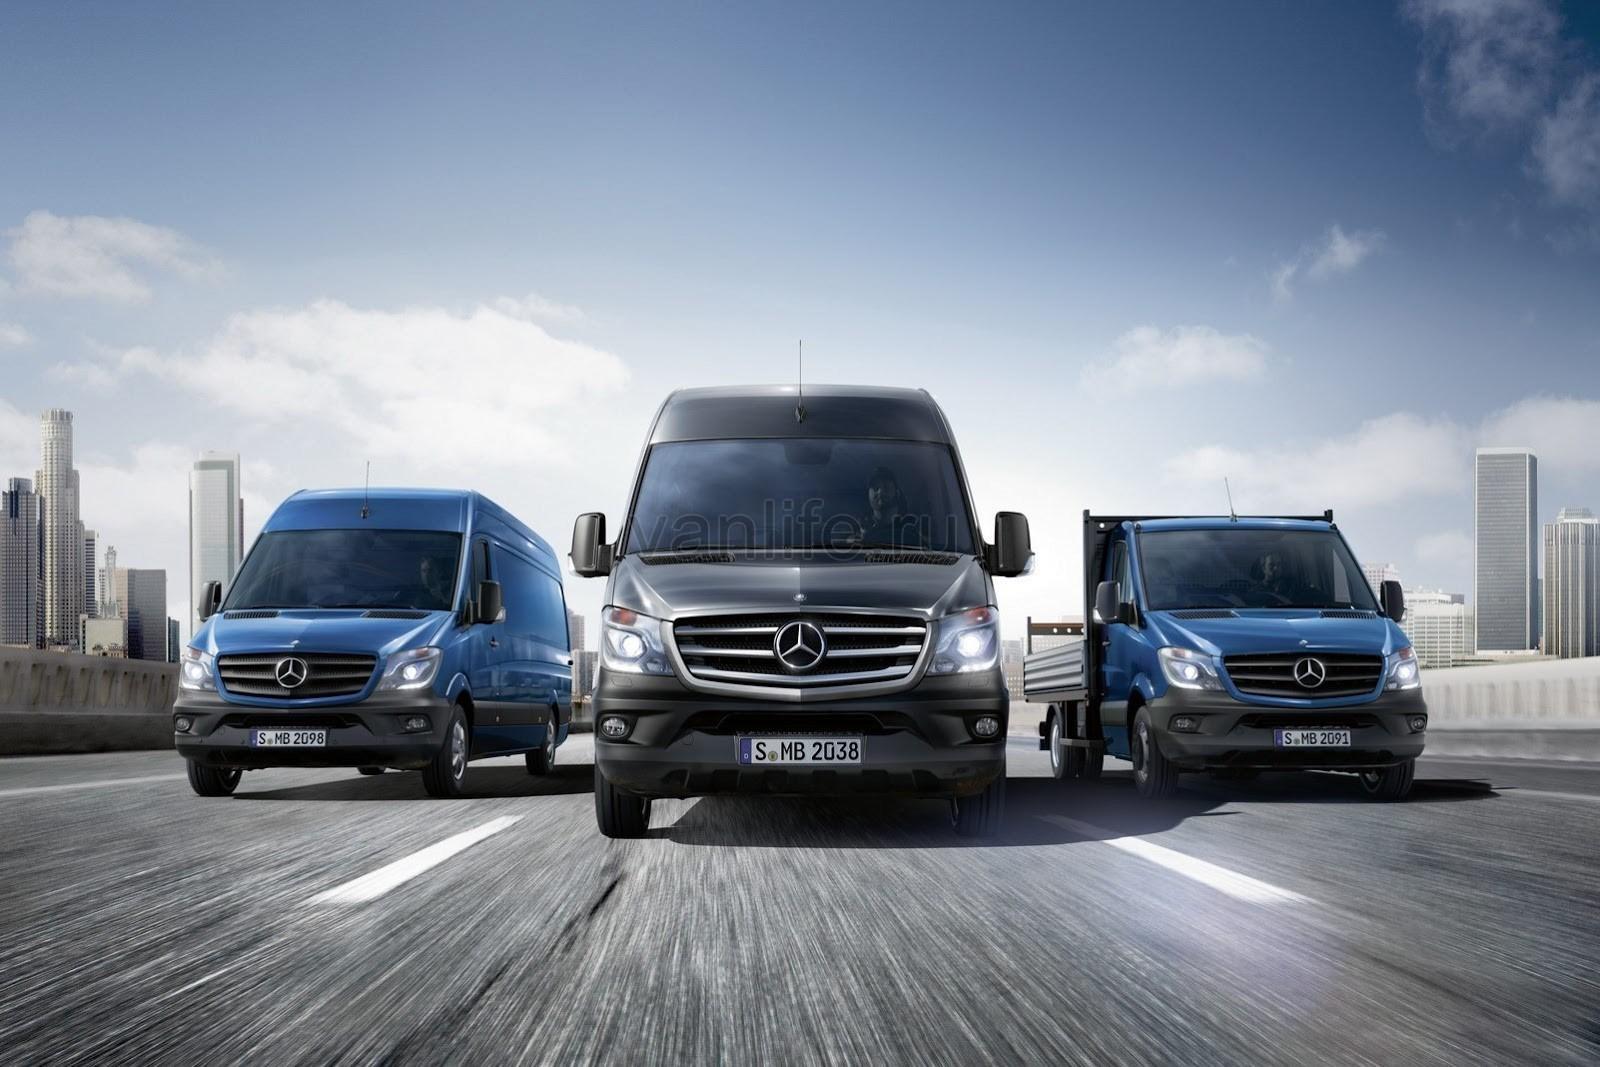 В России будут производить двигатели Евро-5 от компании «Mercedes-Benz»